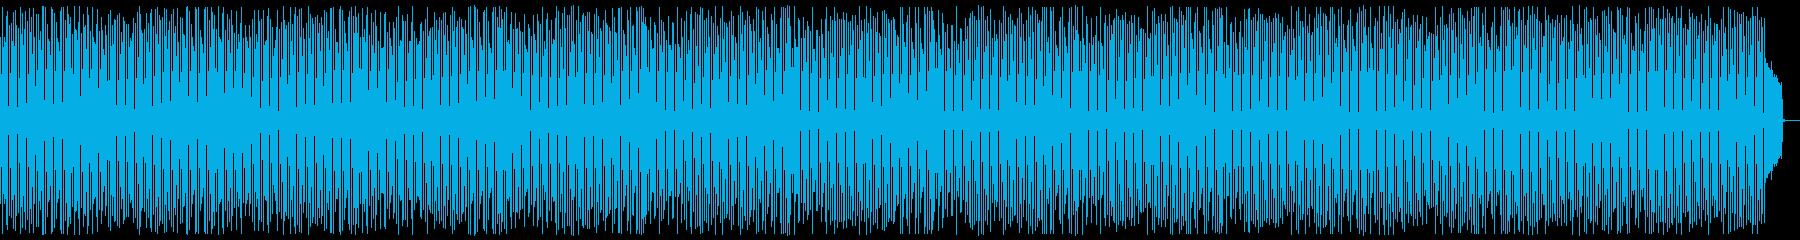 呼び込み君っぽい曲_ロングverの再生済みの波形